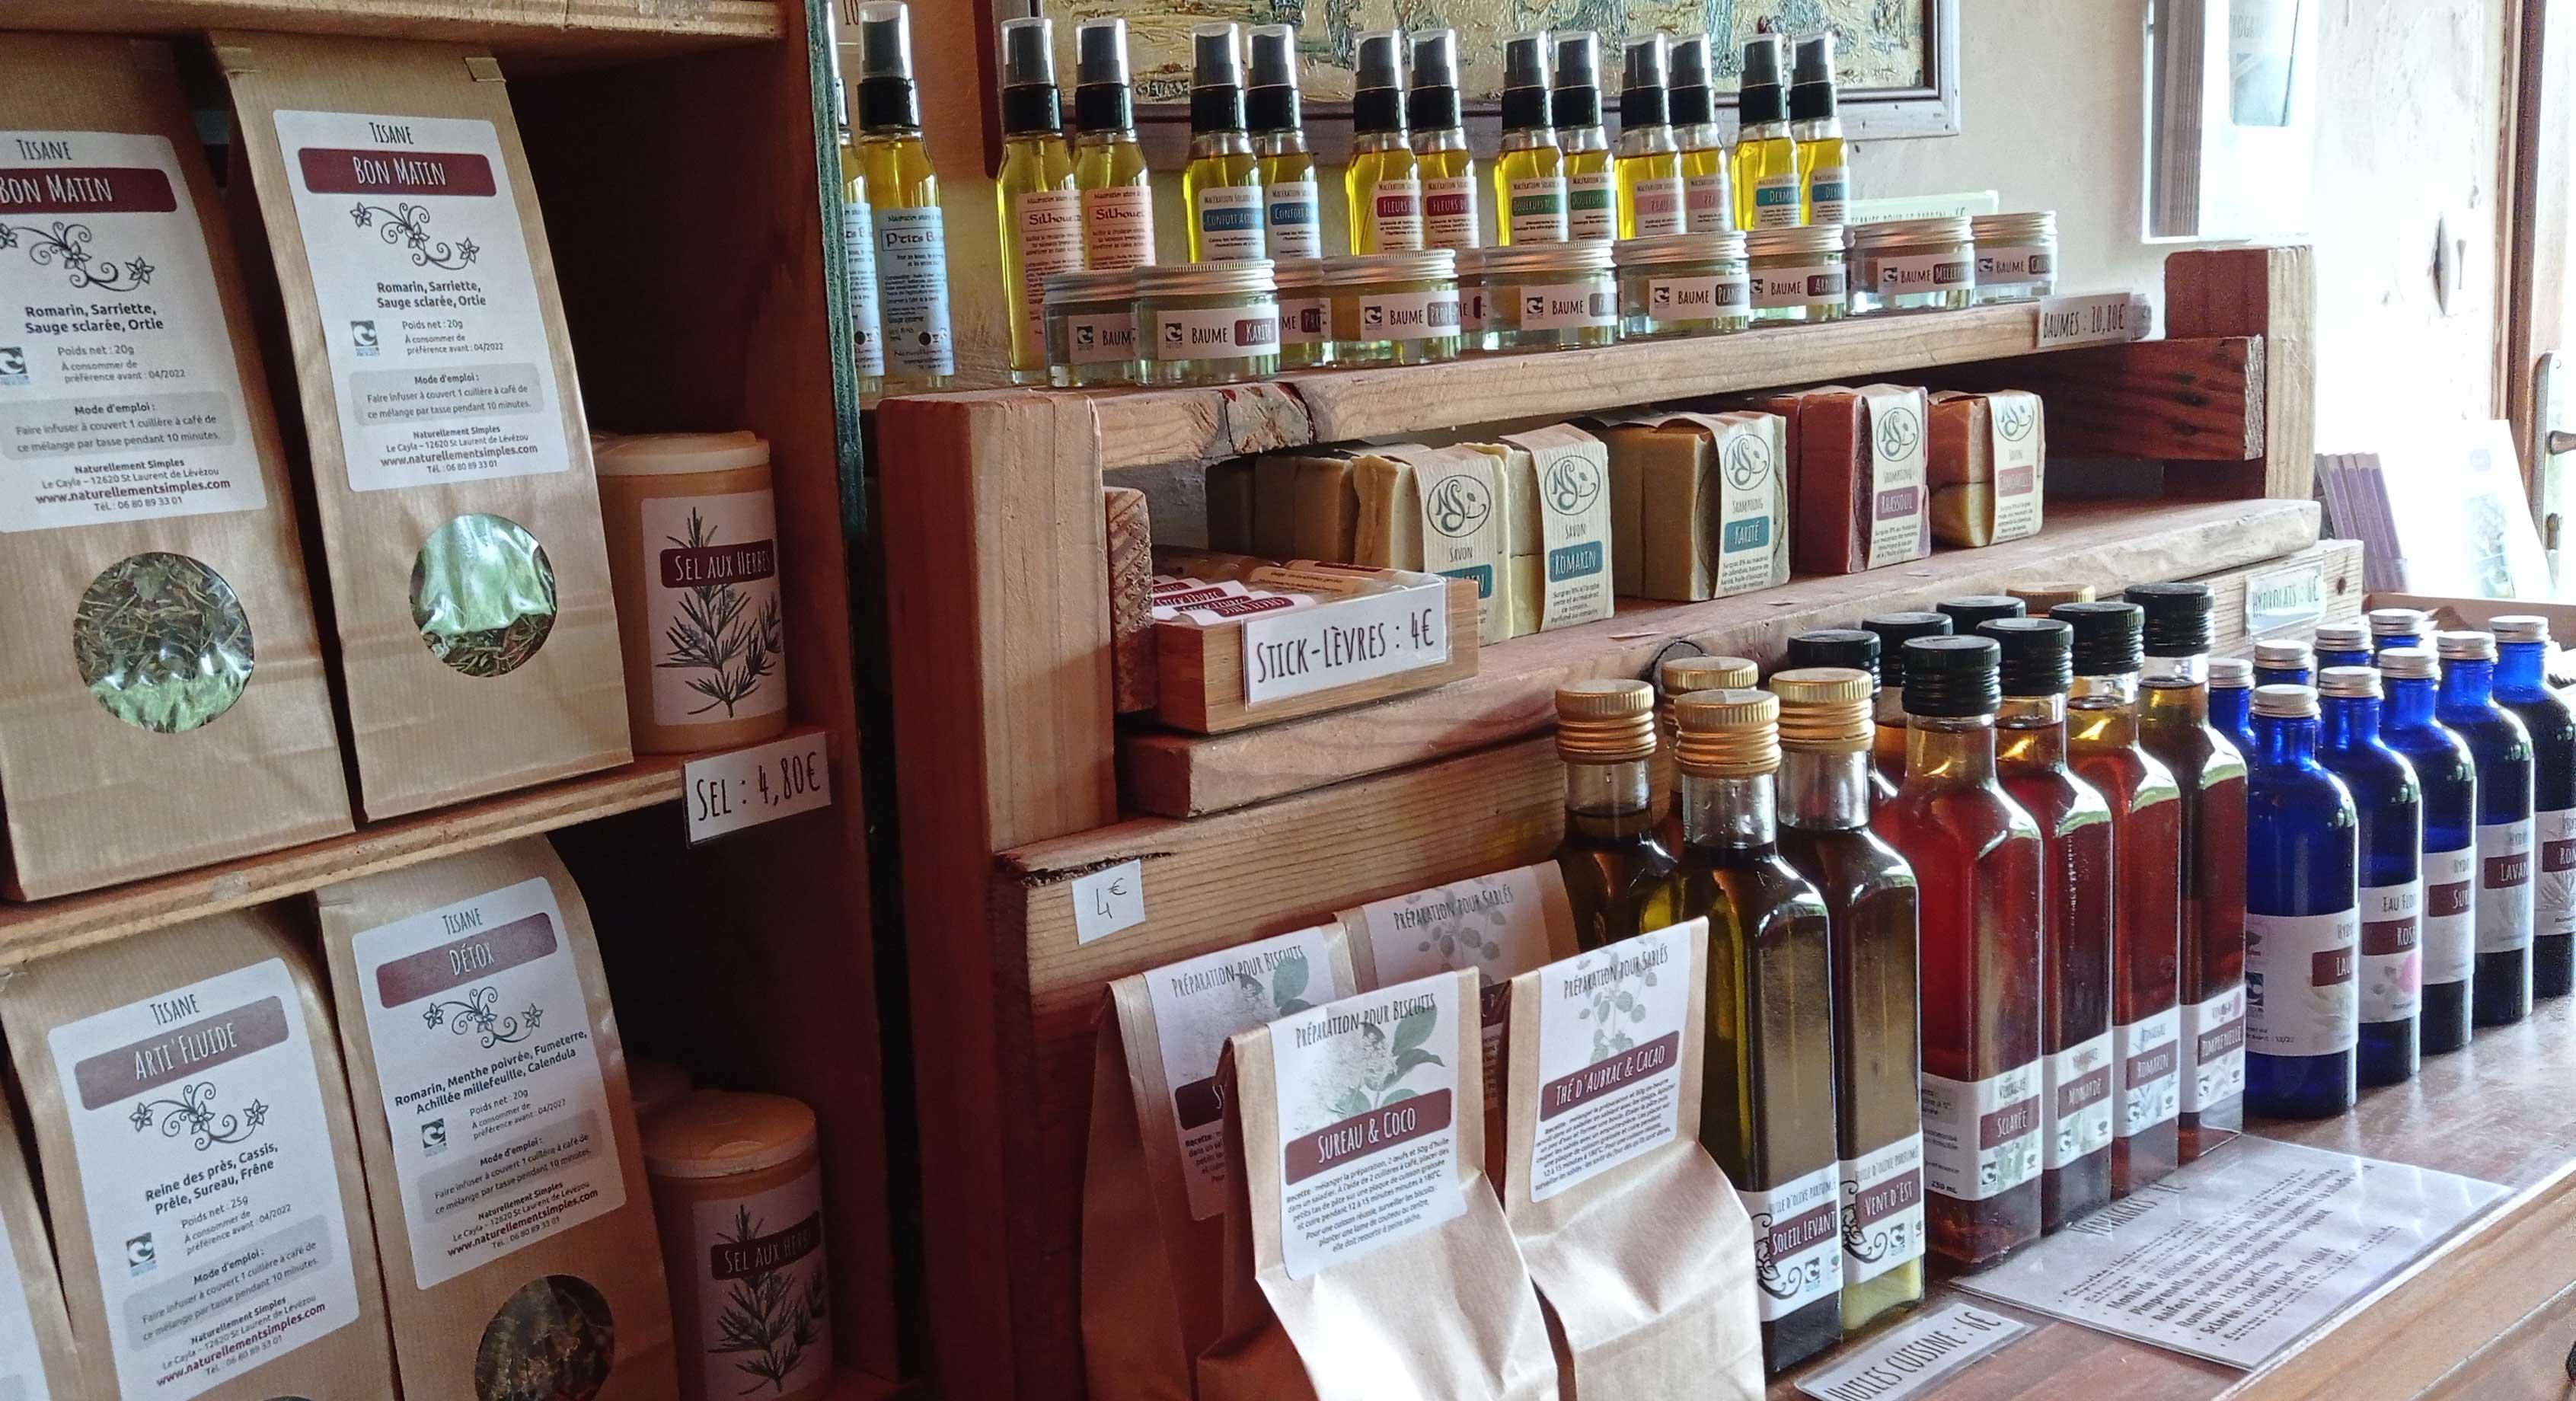 Produits naturels à base de plantes : l'éthique de Naturellement Simples